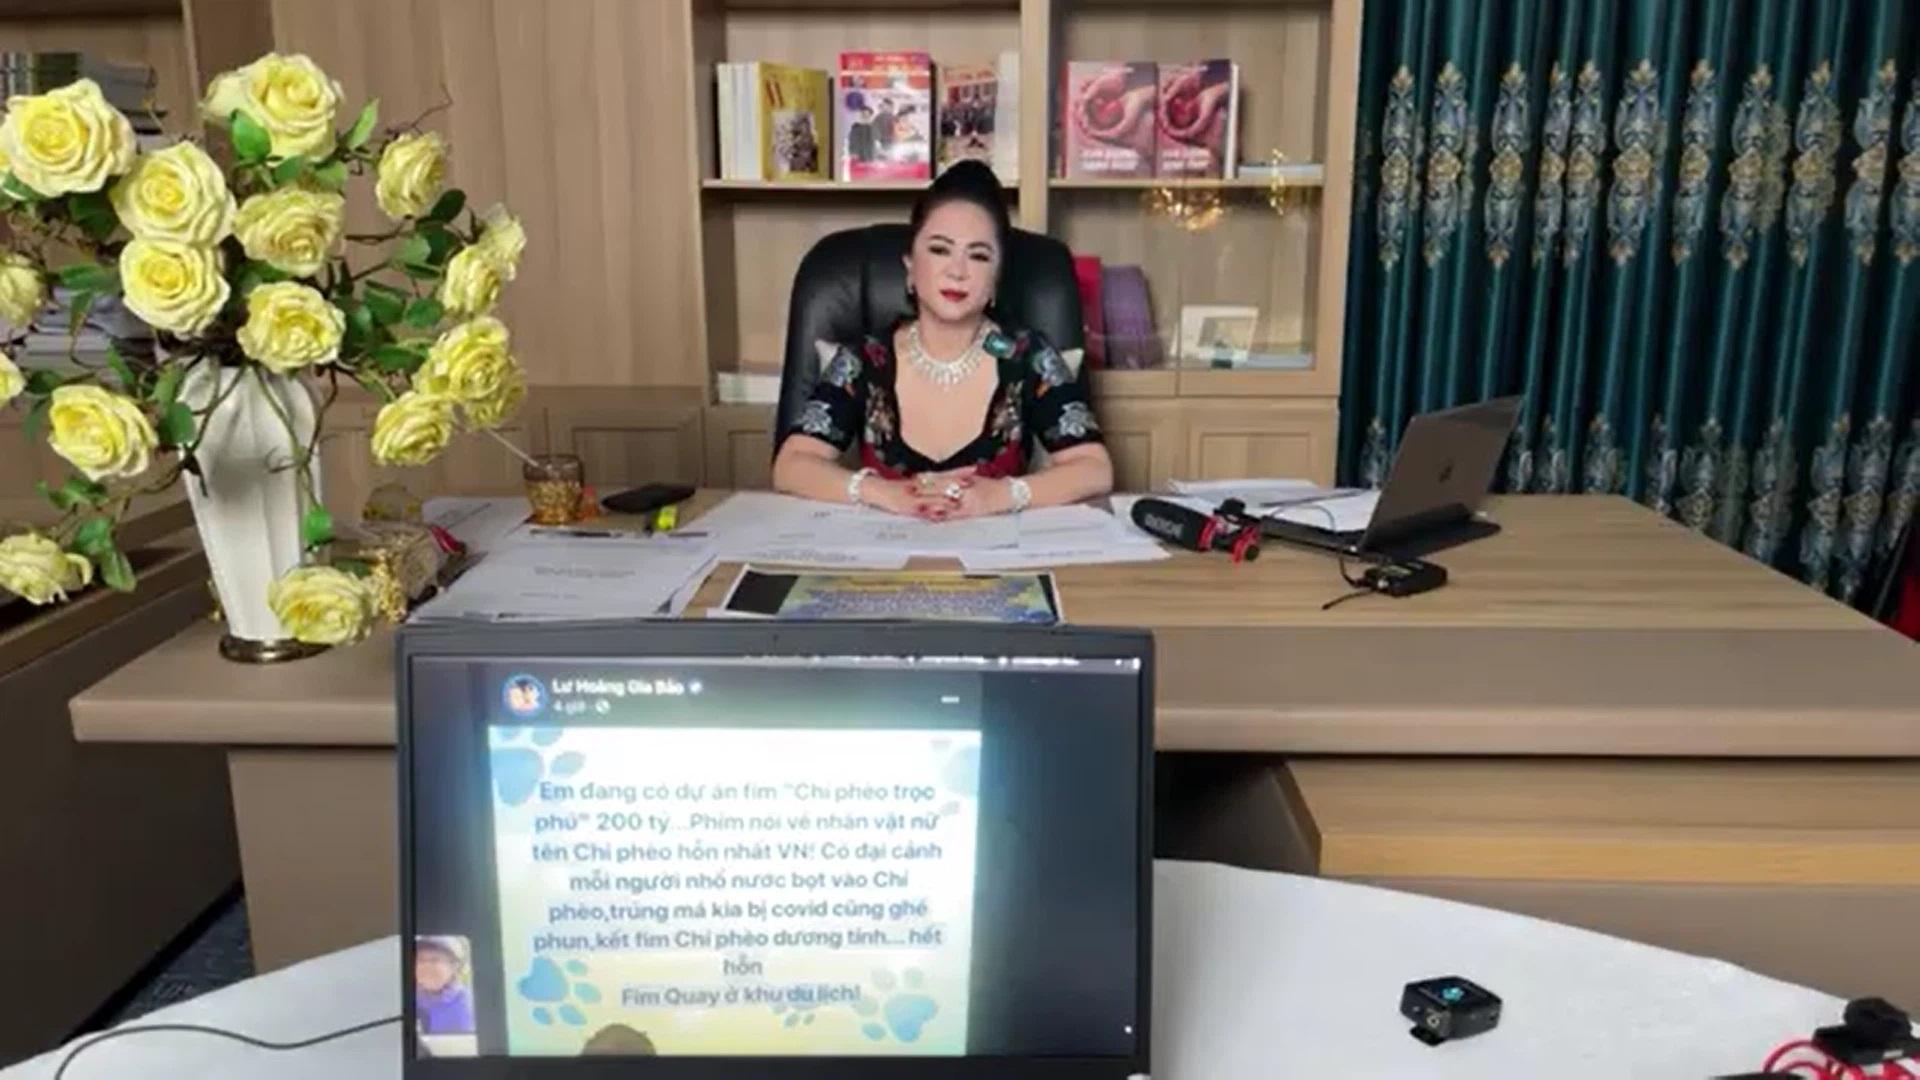 Cho rằng cháu NSƯT Bảo Quốc 'làm nhục', bà Phương Hằng đanh thép tuyên bố: 'Chấm dứt toàn bộ quan hệ và cấm tuyệt đối giới văn nghệ sĩ đến Đại Nam' - Ảnh 3